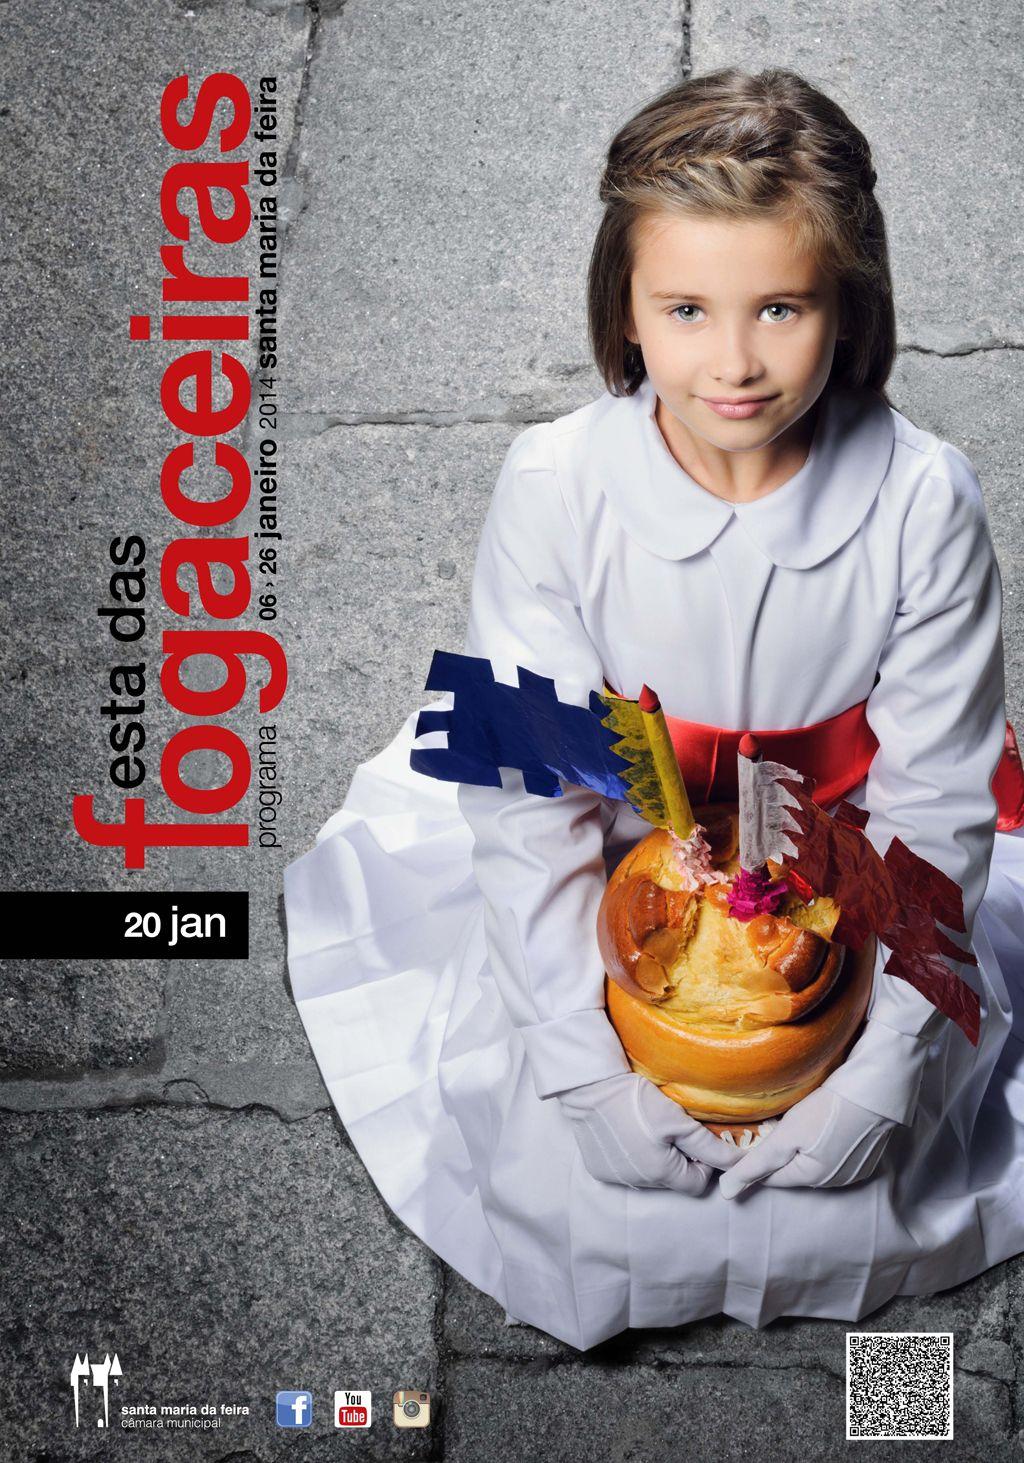 Programação - Festa das Fogaceiras 2014 http://issuu.com/pctbm/docs/programa_fogaceiras_2714/1